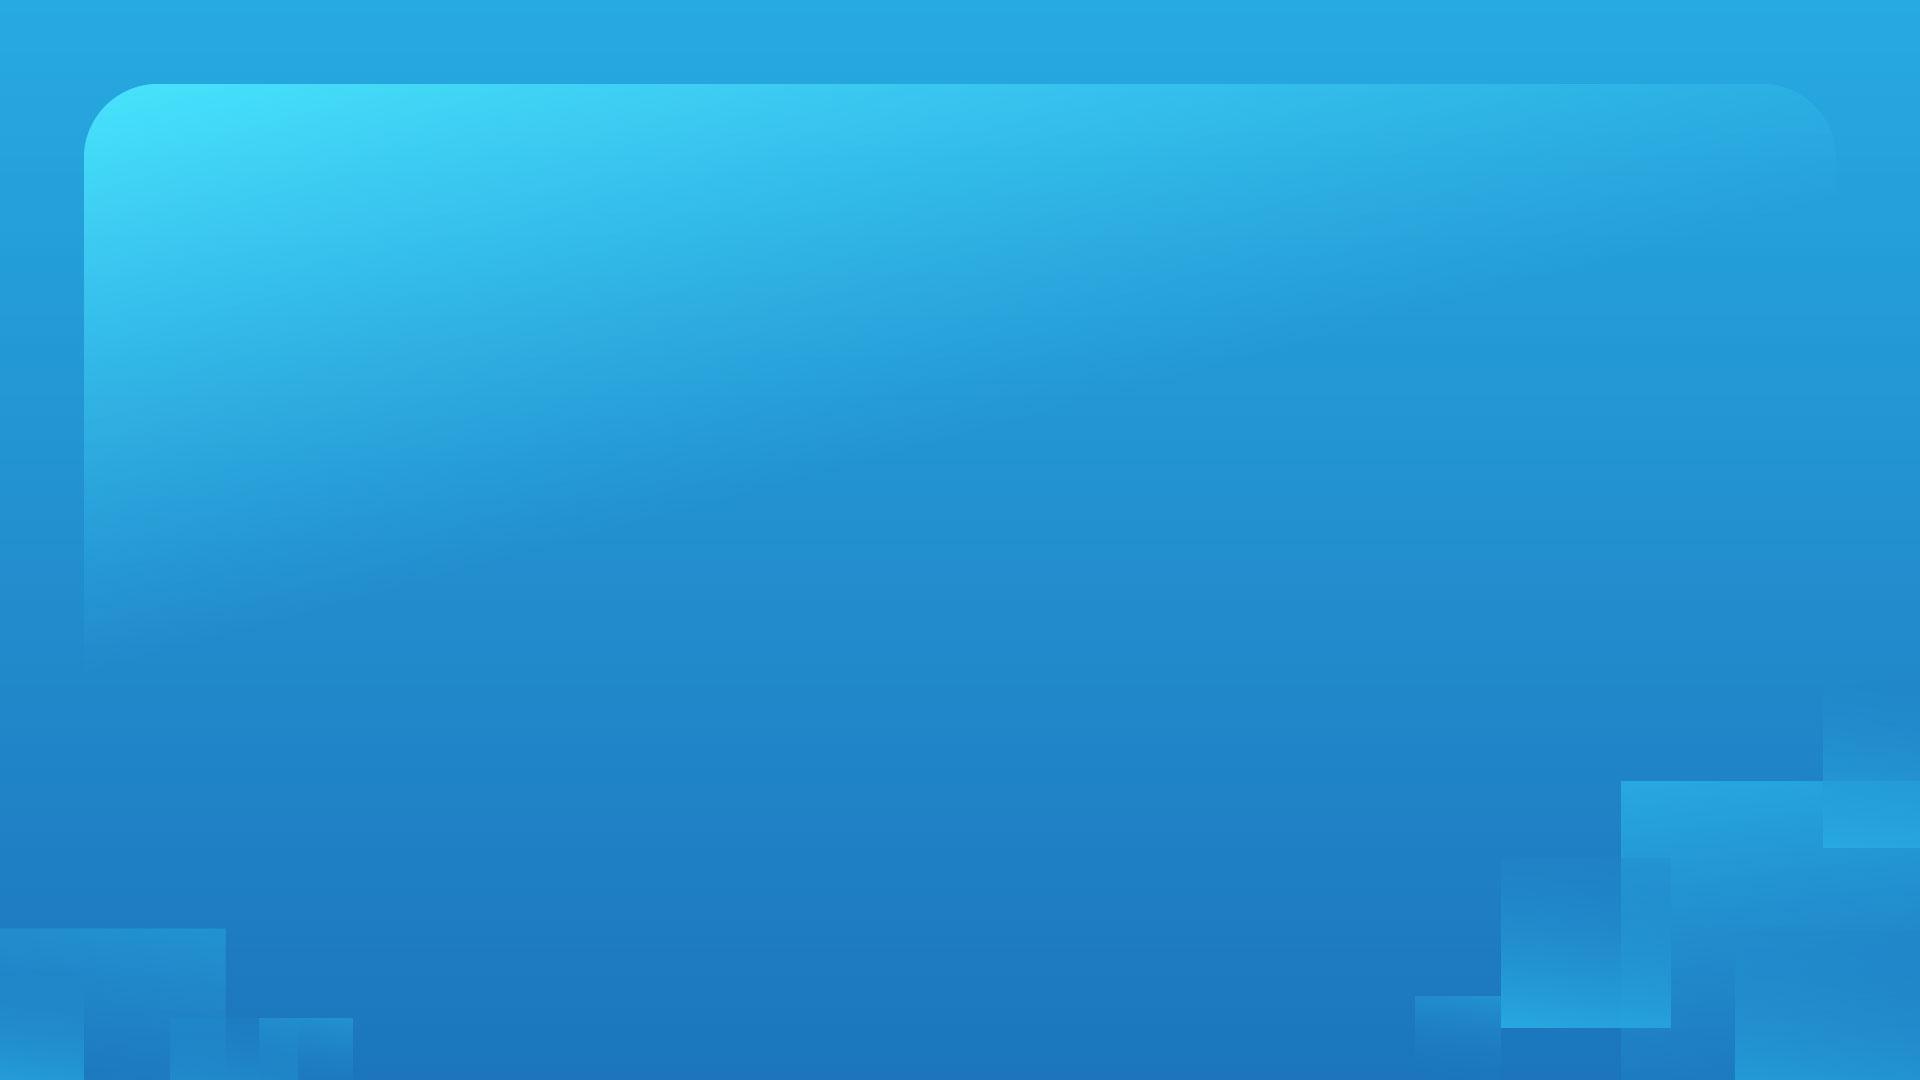 background ptt biru